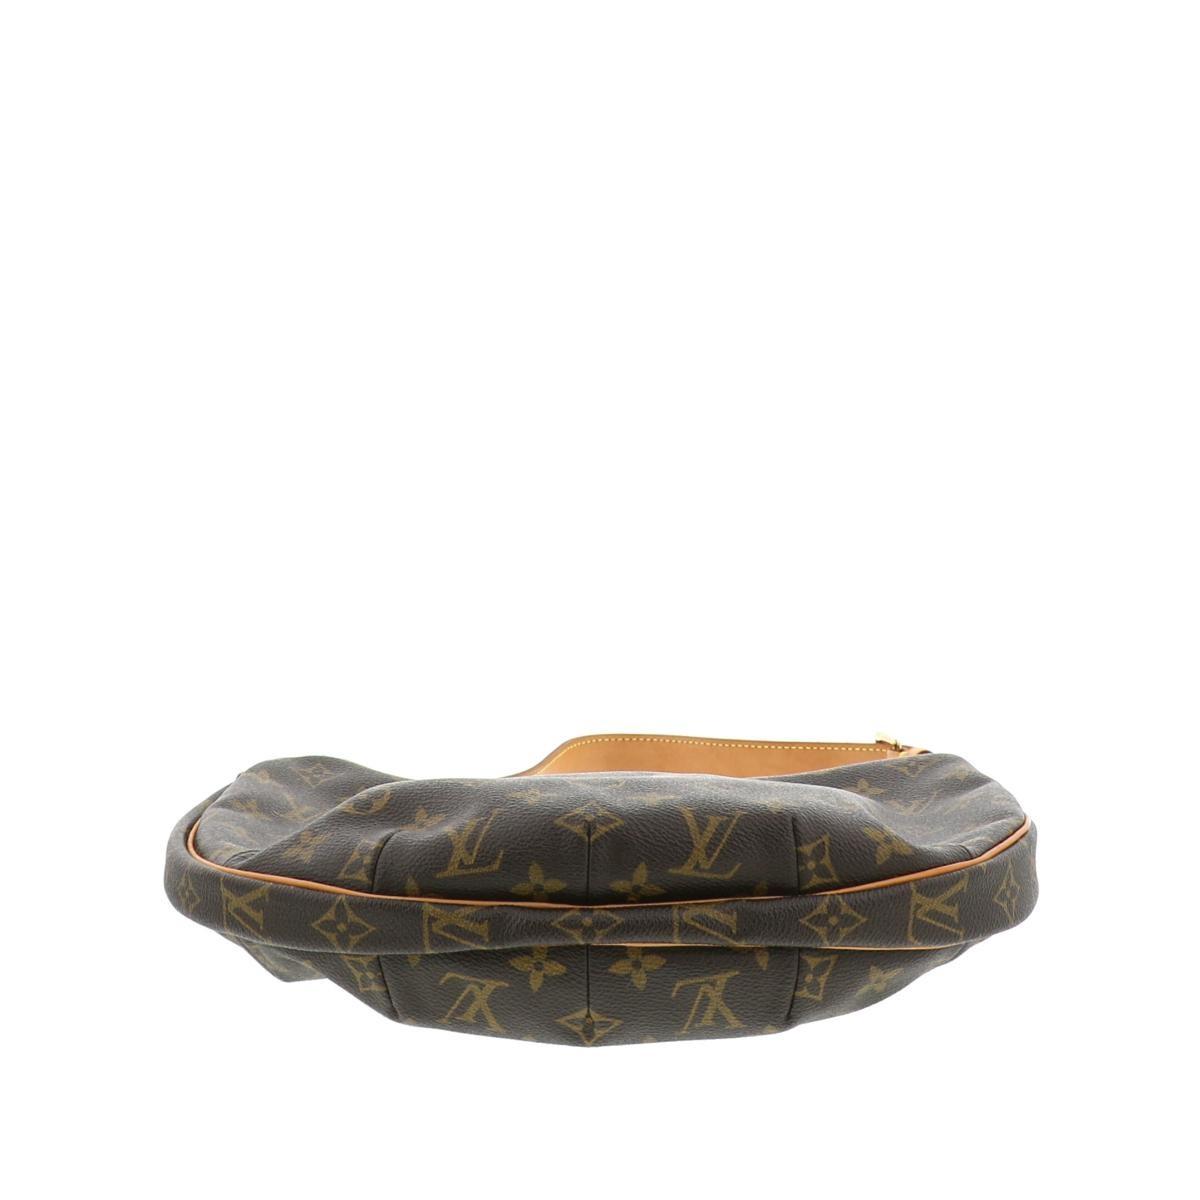 【美品】ルイヴィトン ポシェット クロワッサン モノグラム ショルダーバッグ LOUIS VUITTON Pochette Croissant Monogram Shoulder Bag M51510